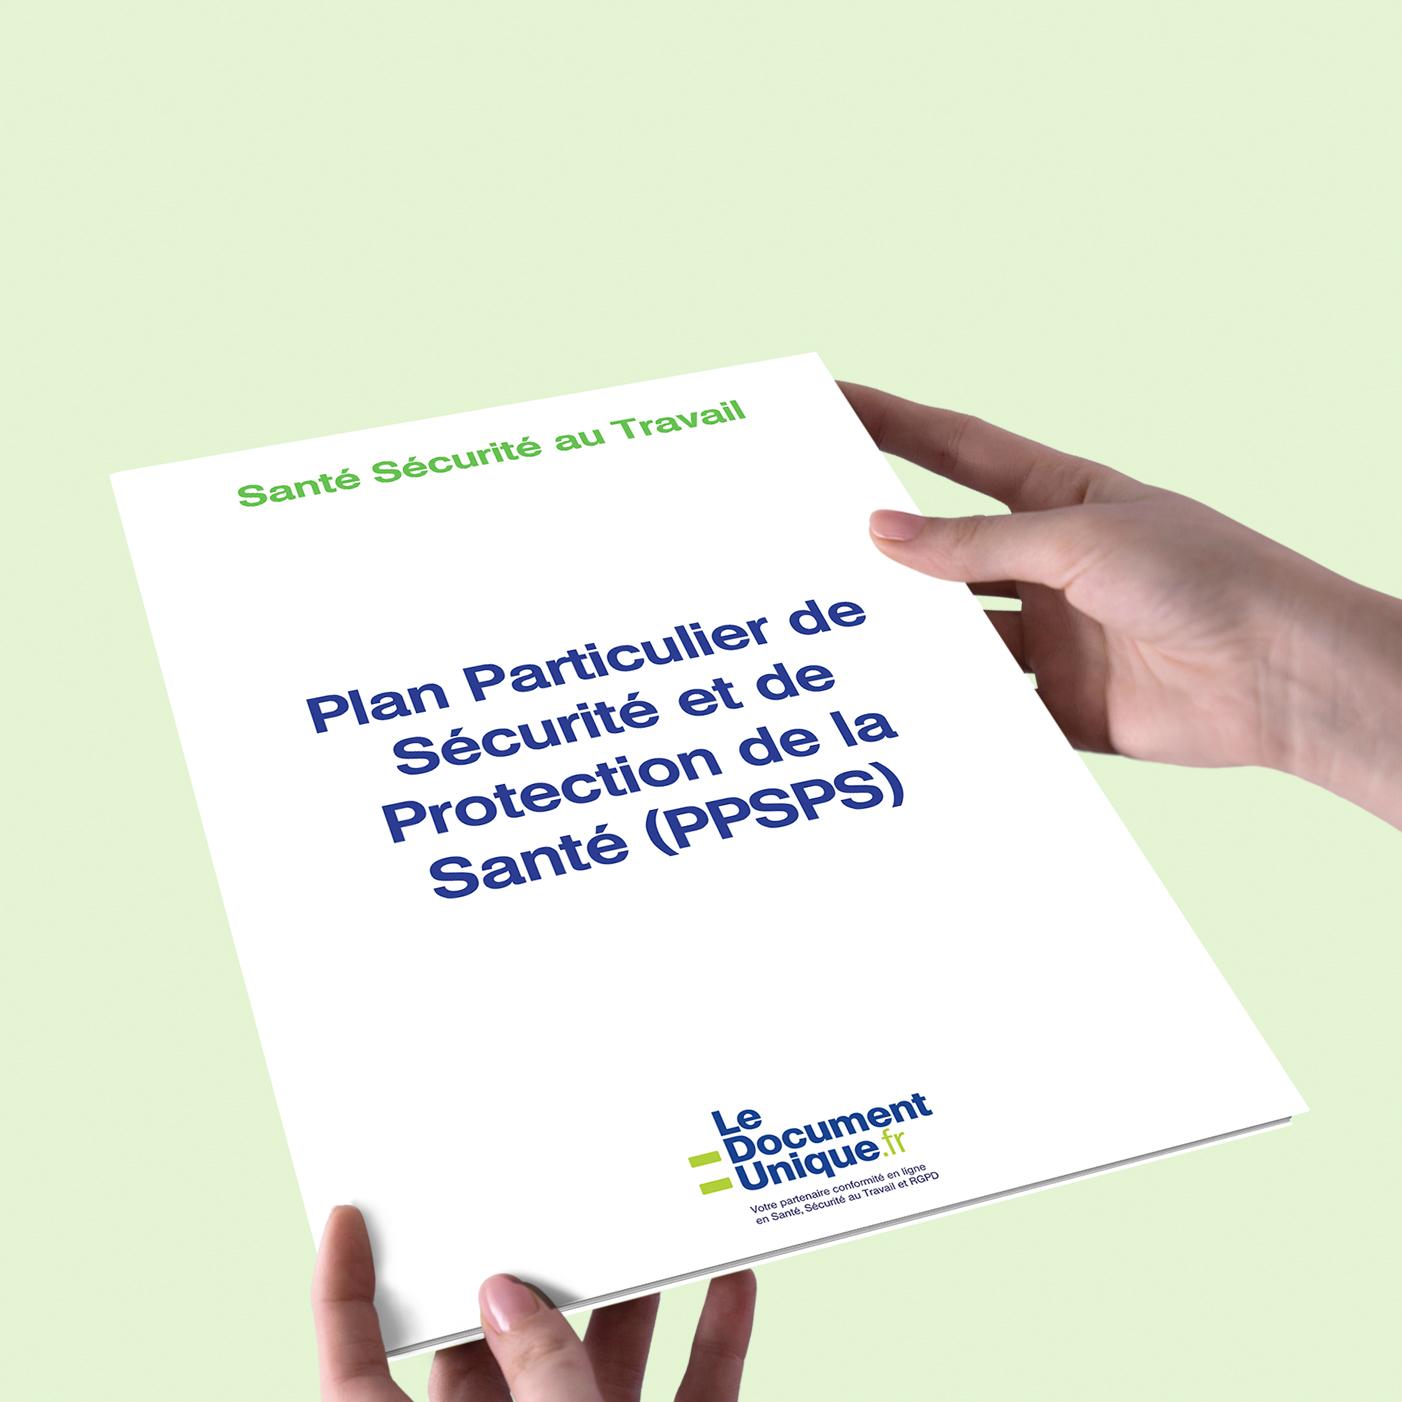 plan particulier de sécurité et de la protection de la santé PPSPS